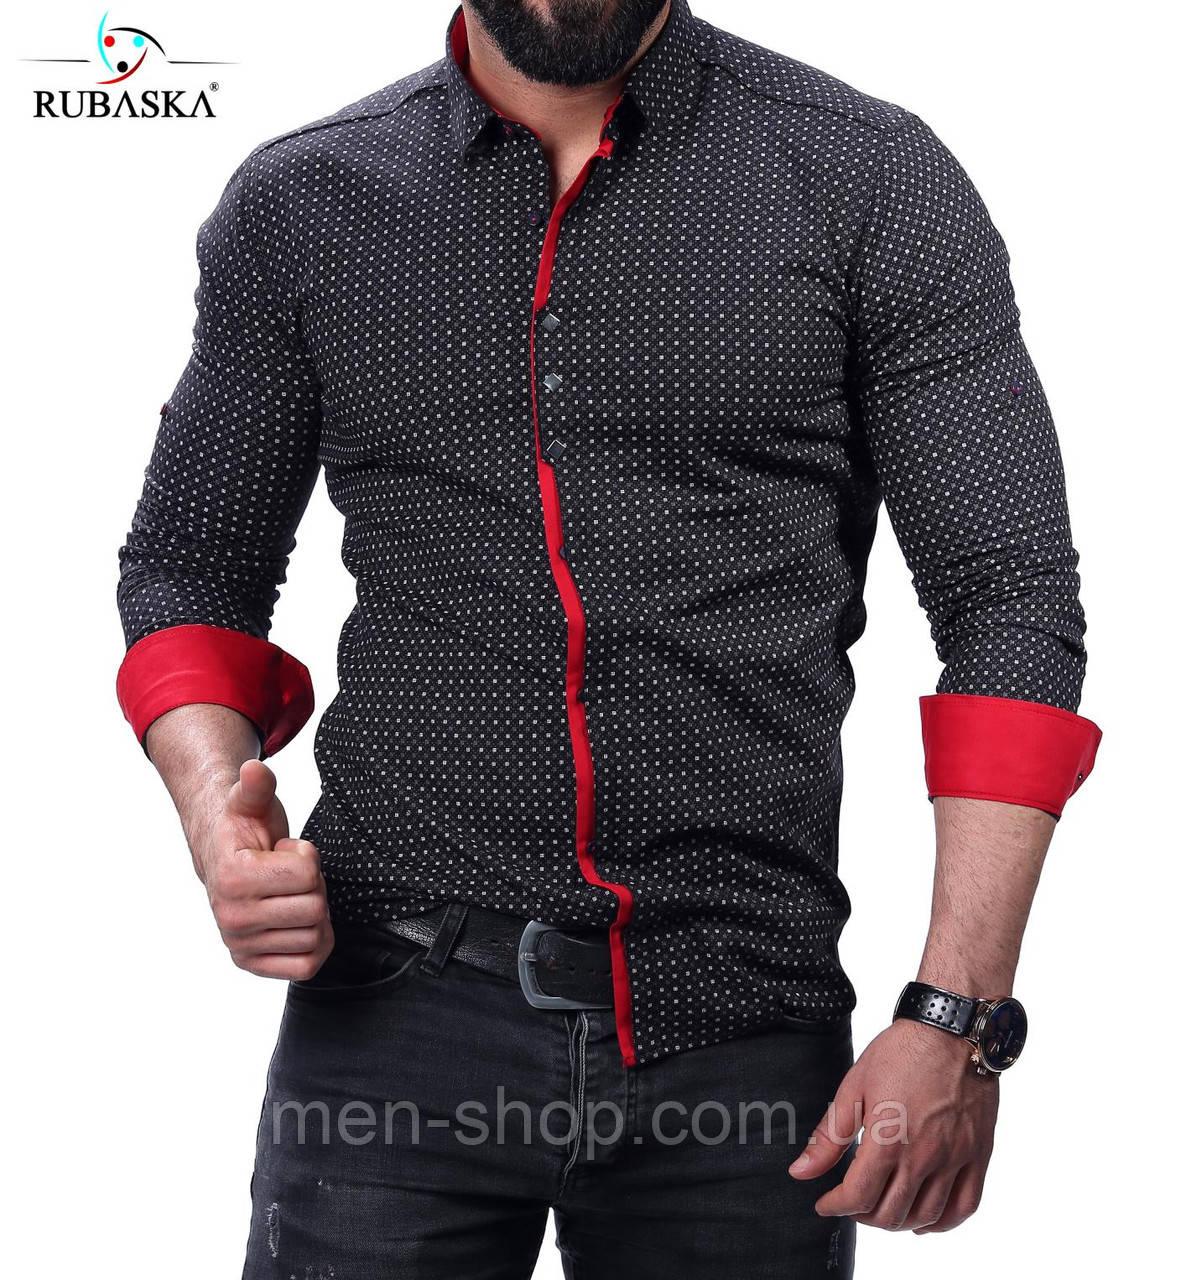 Черная рубашка с красным акцентом